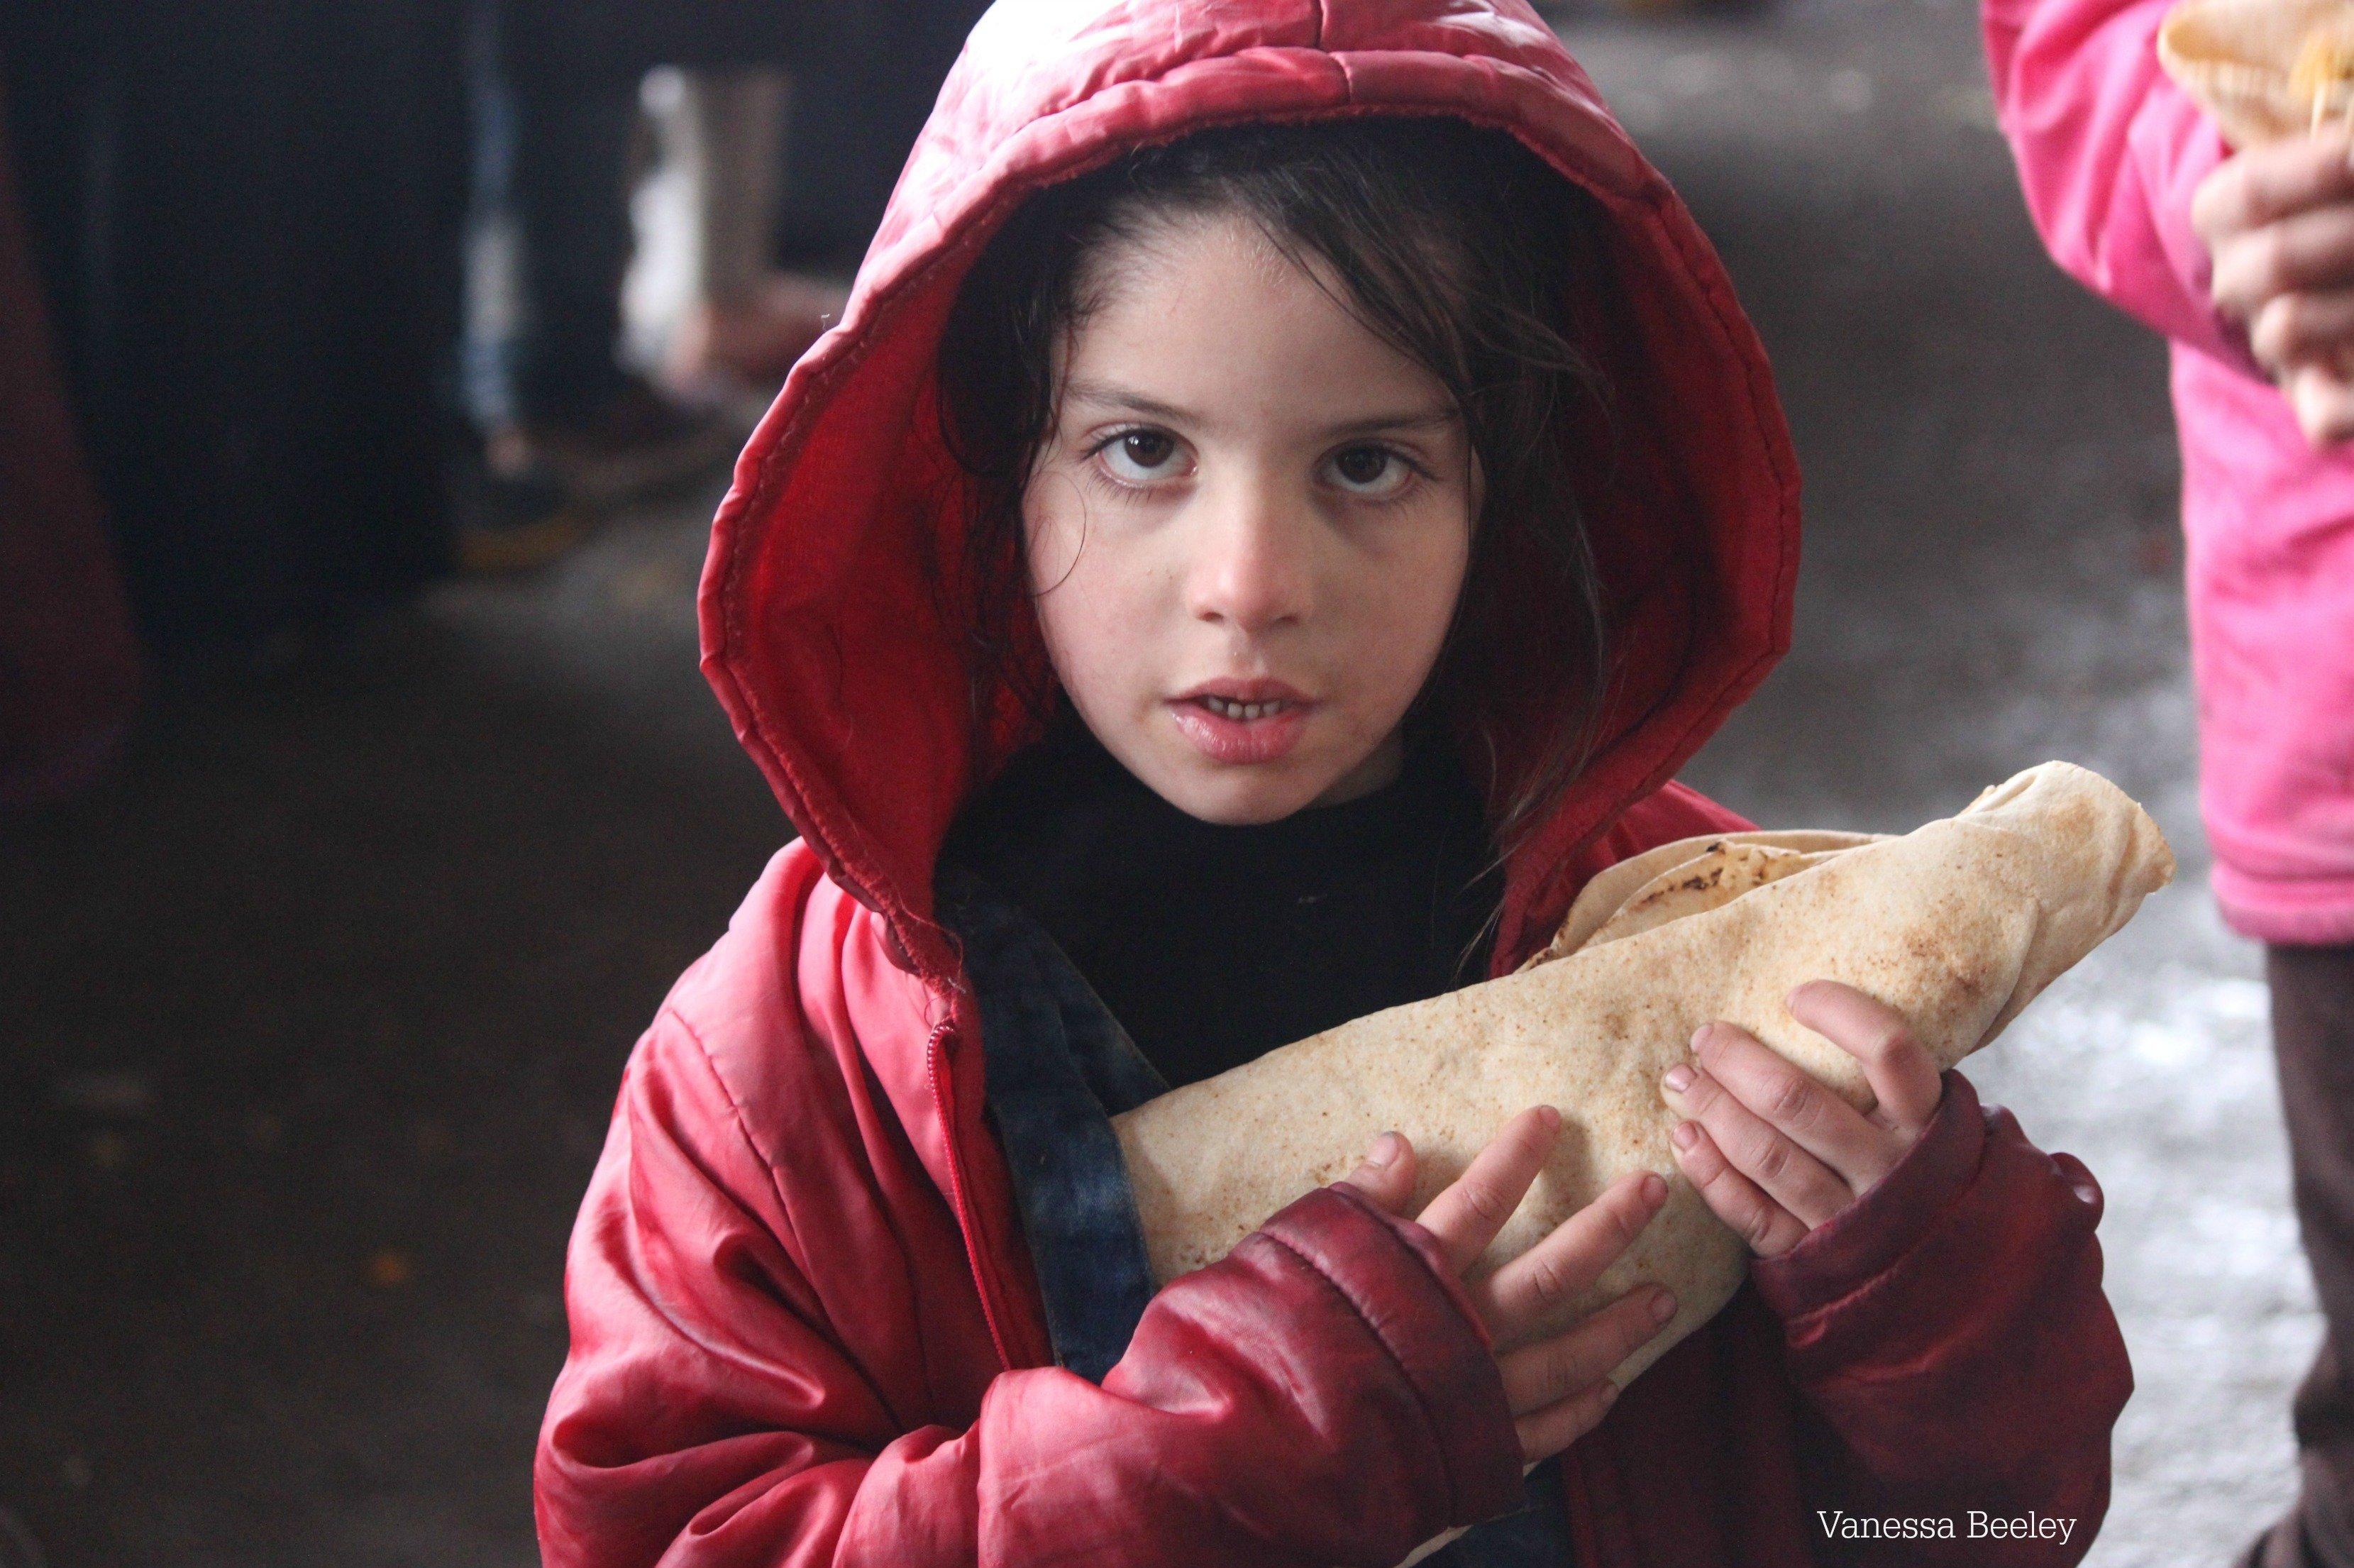 Une fille à Alep récemment libérée